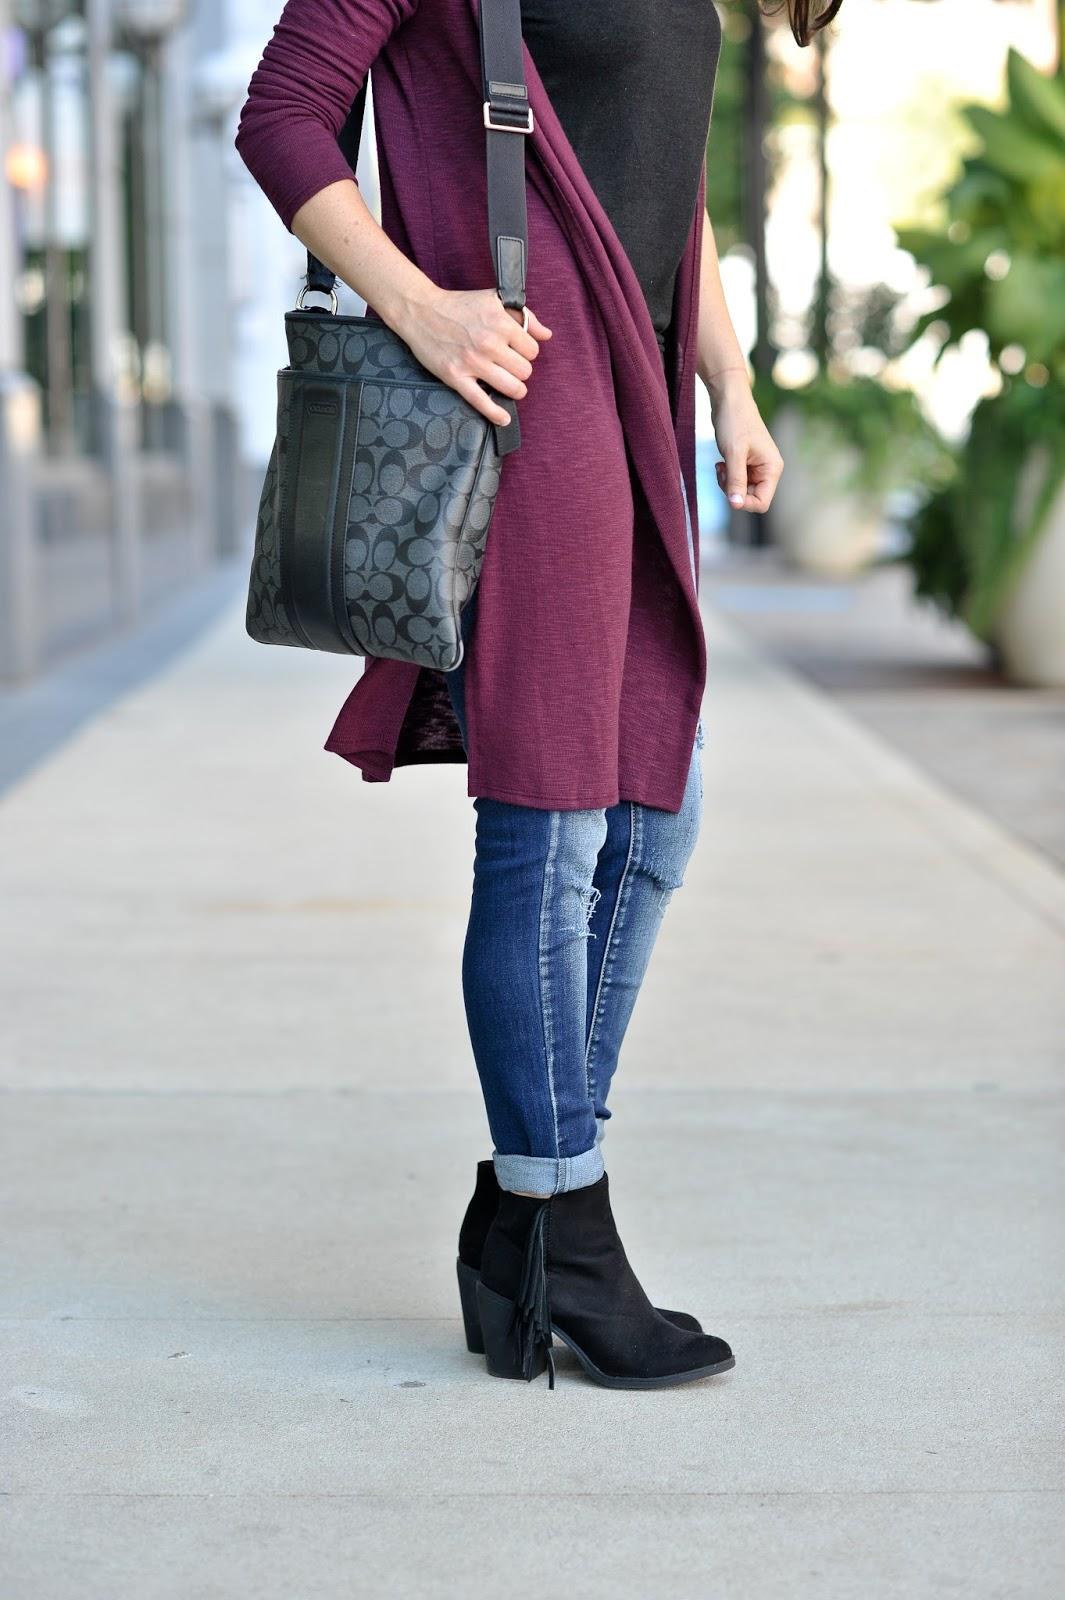 Fall Fashion Minimal Layers